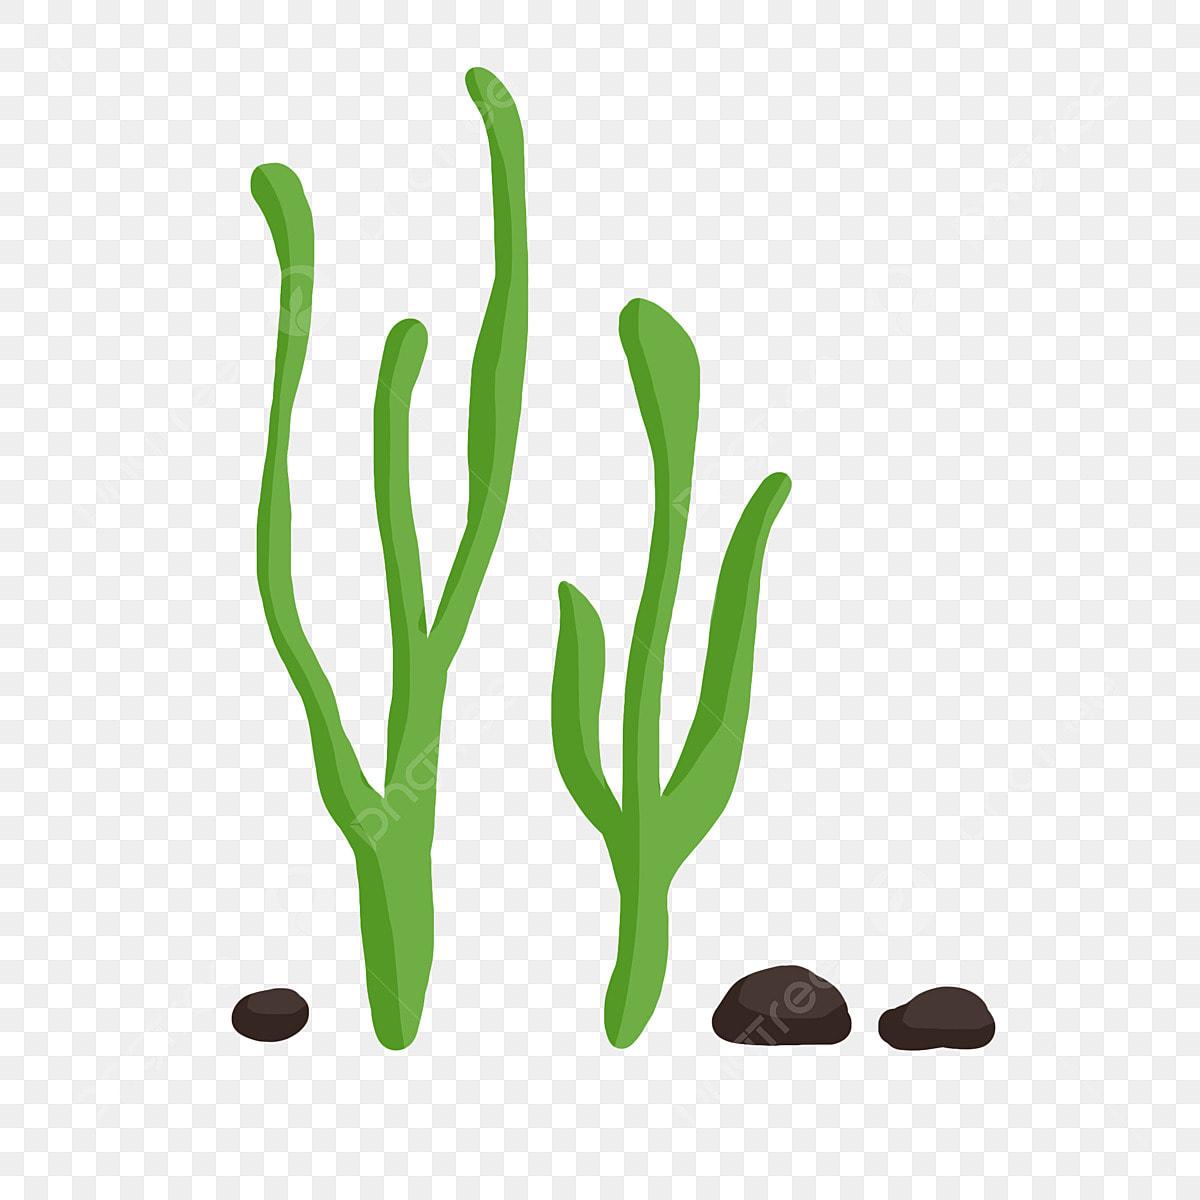 Rumpai Laut Kartun Rumput Air Tumbuh Tumbuhan Terapung Dasar